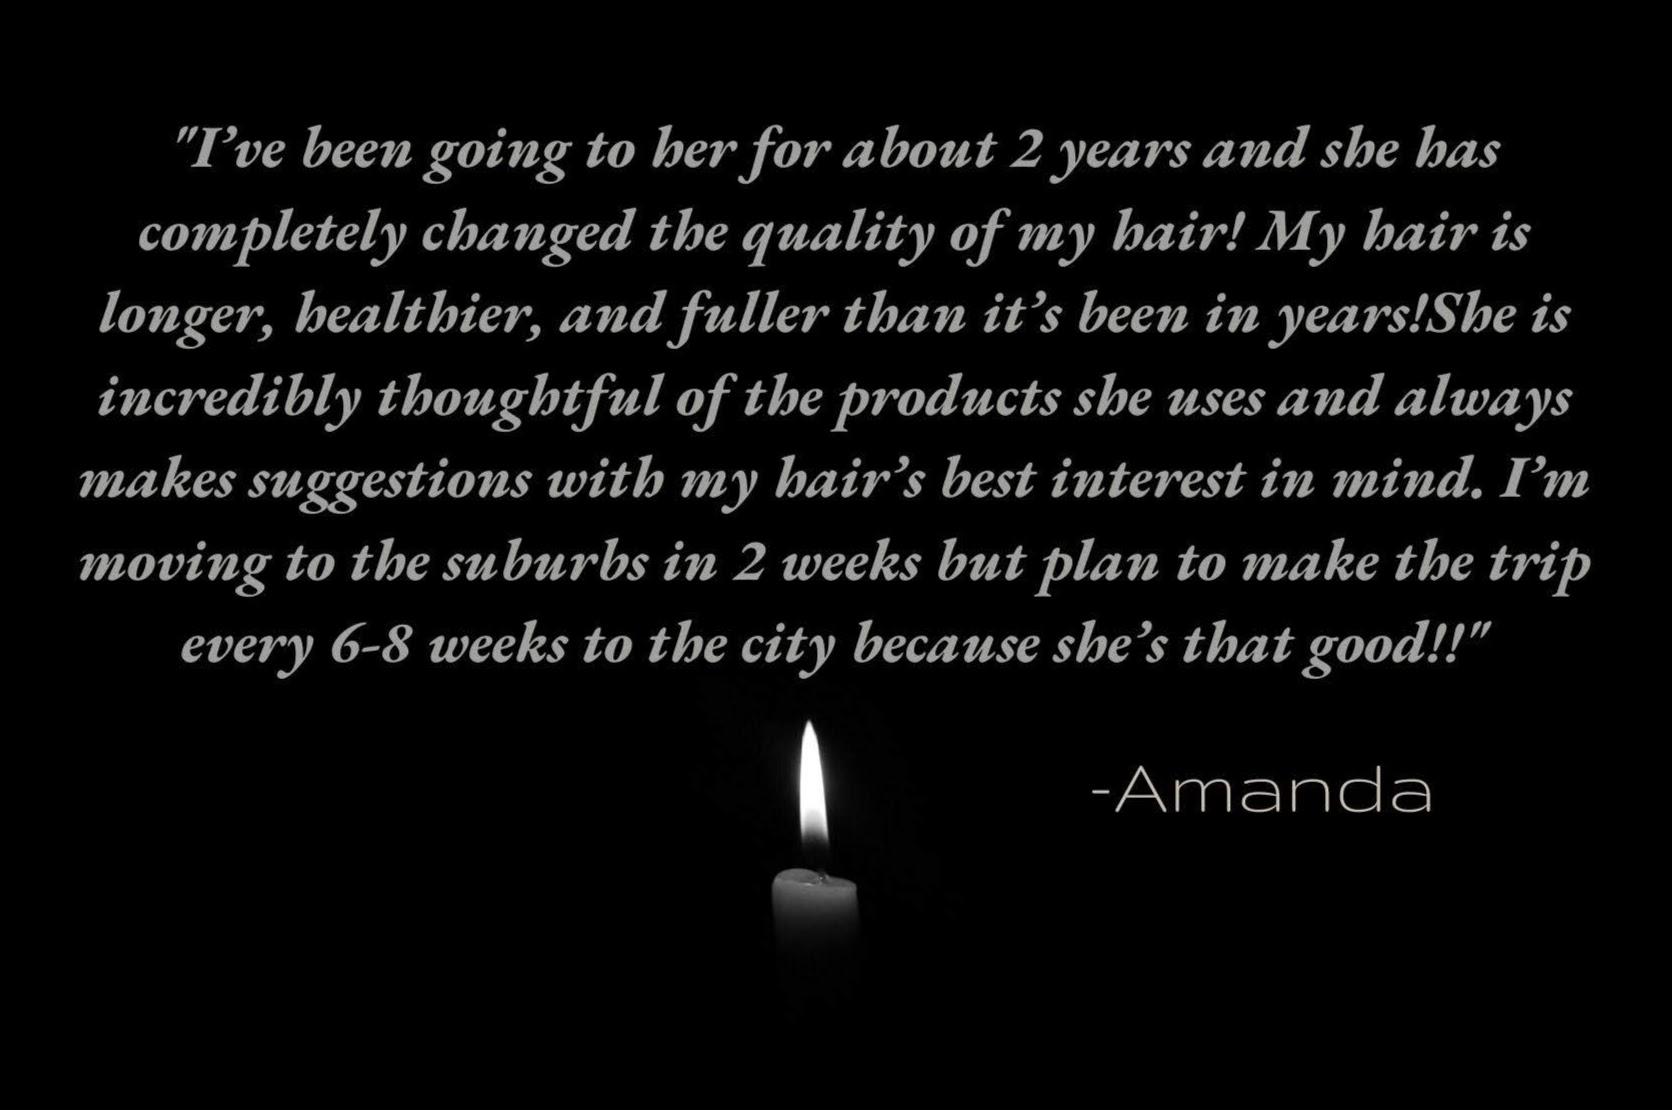 SE Review Amanda.jpg